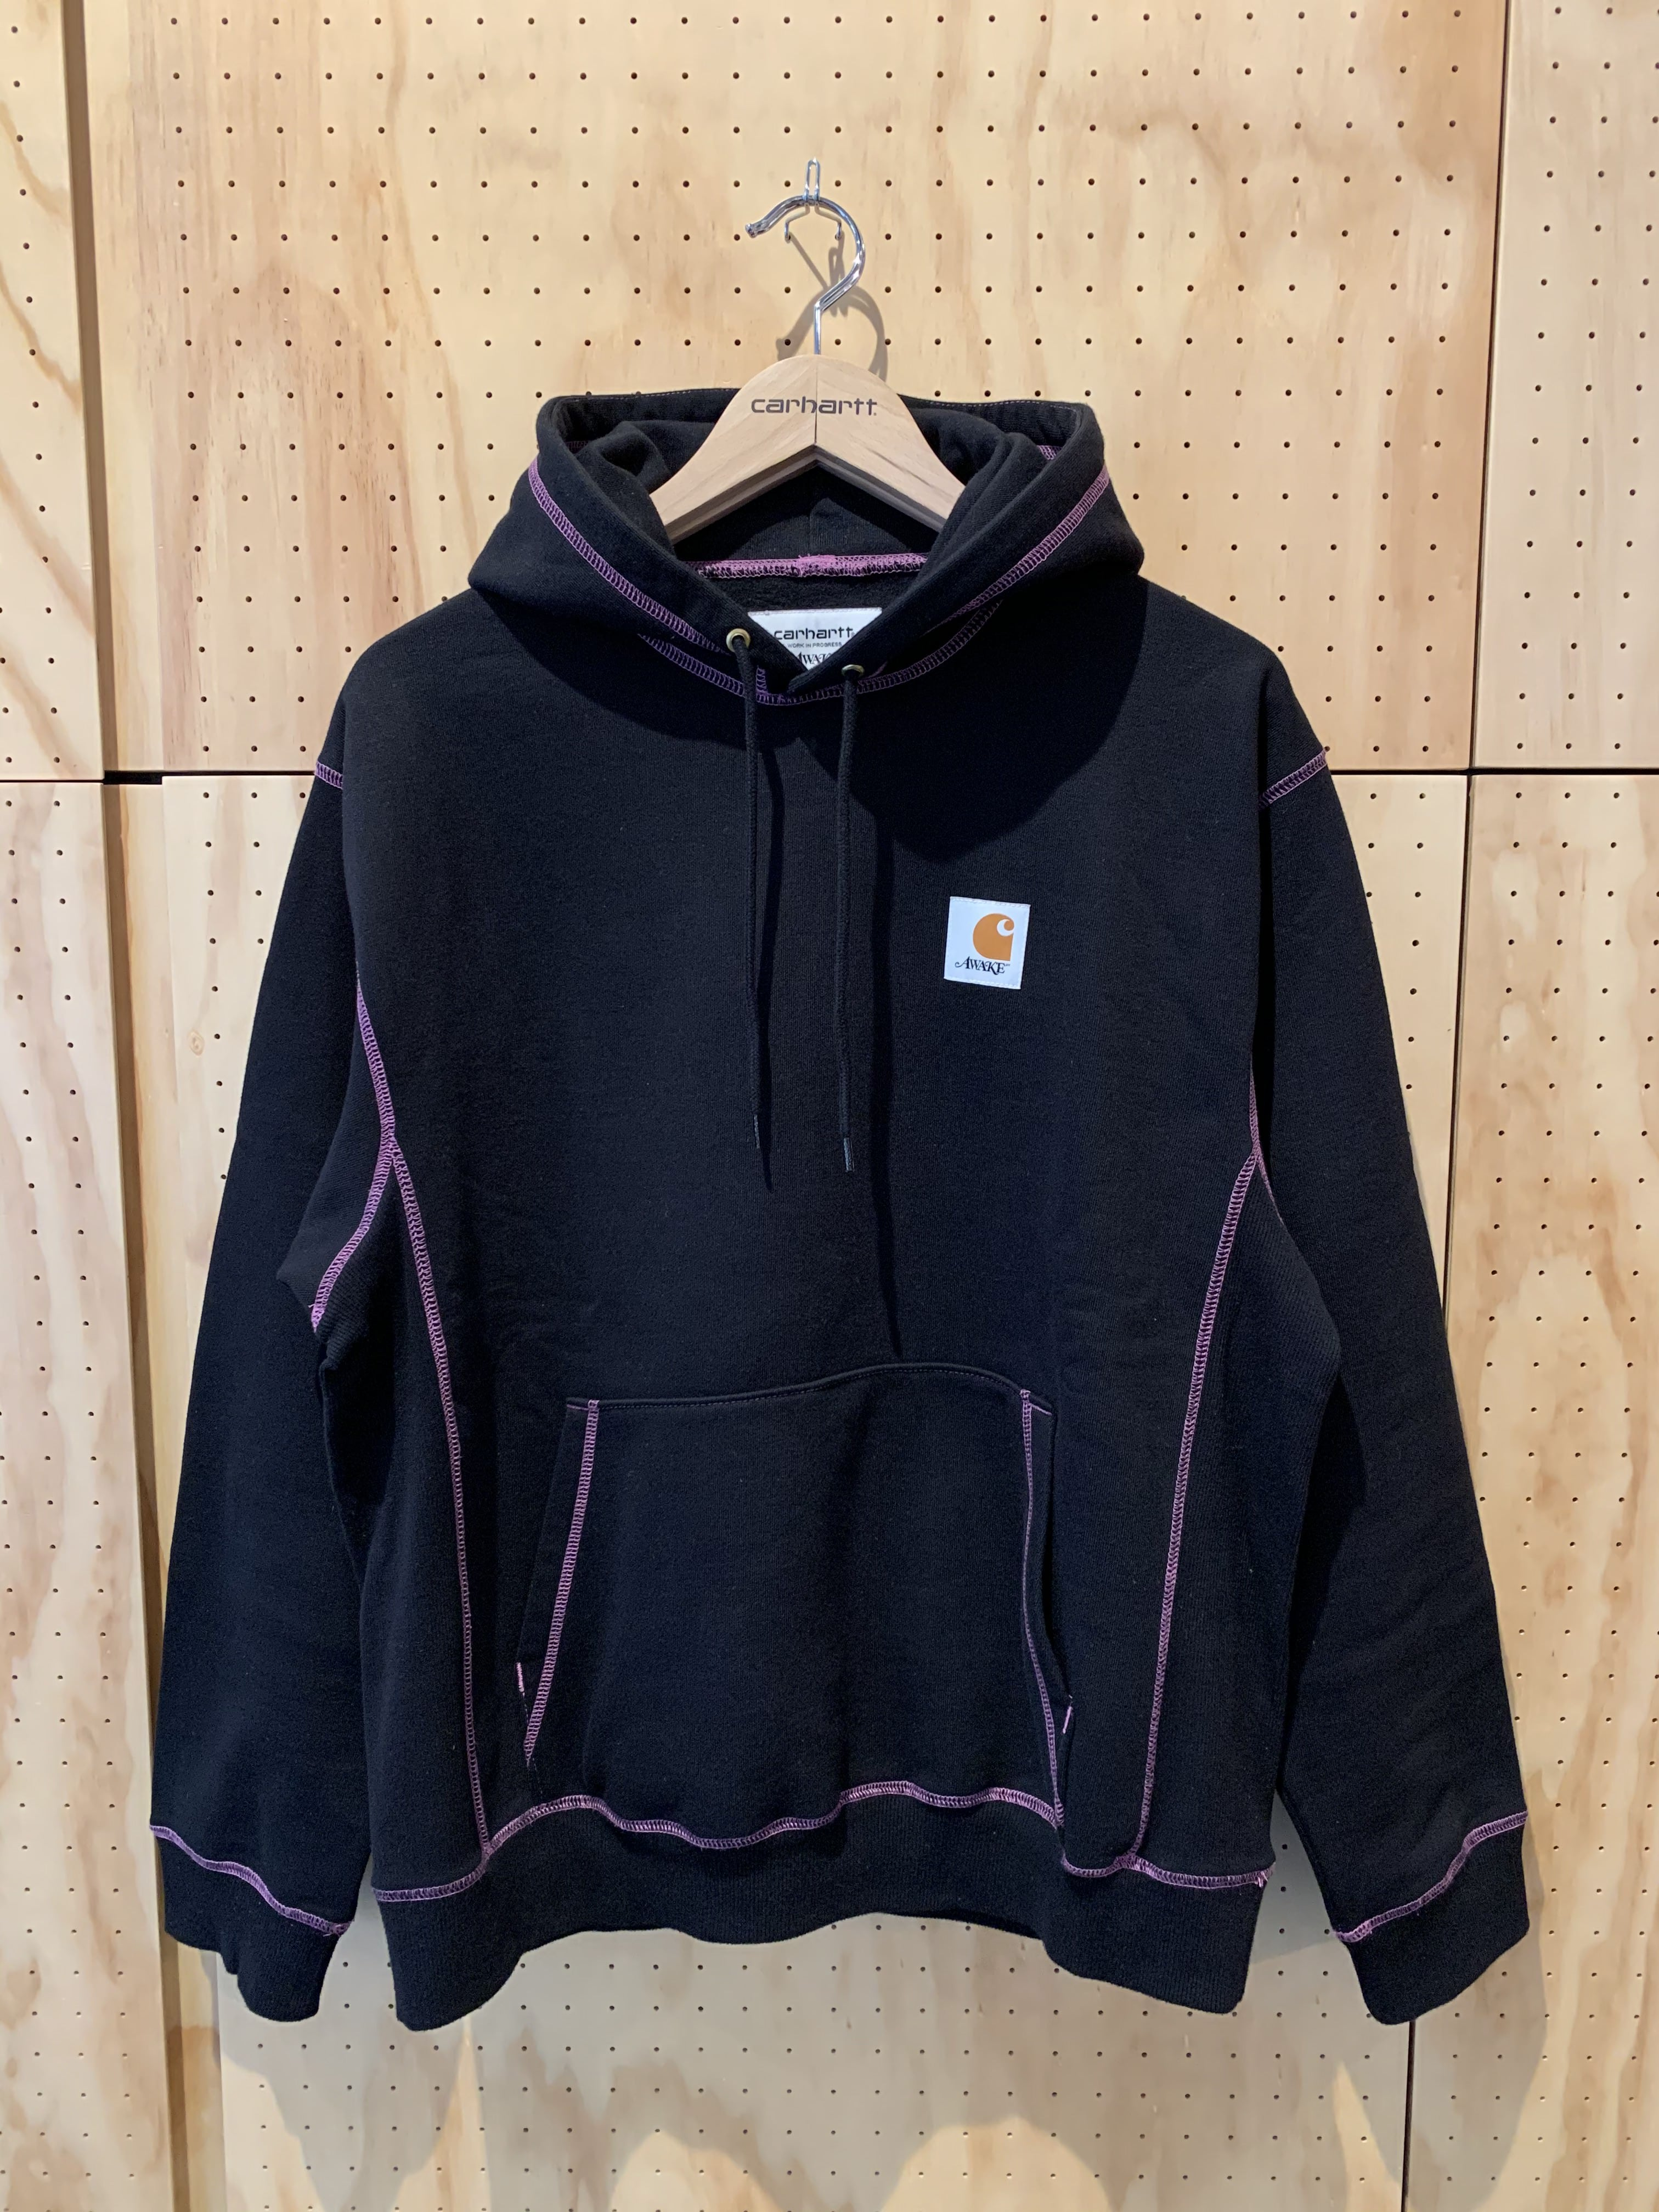 AWAKE NY x Carhartt WIP Hooded Sweatshirt - SS 2020